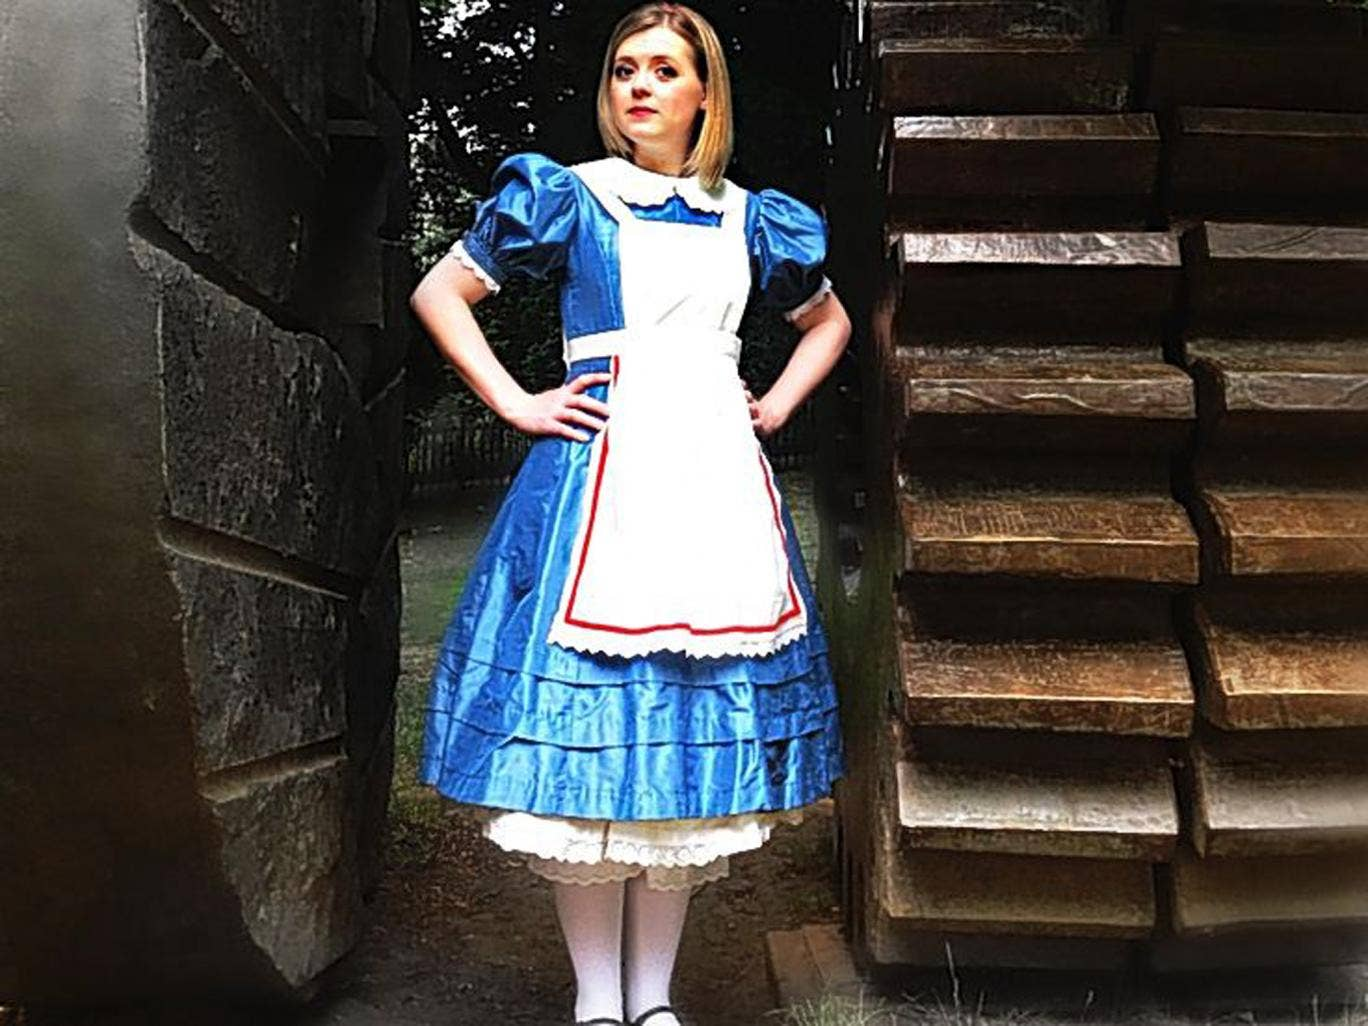 Fantasy stuff: Fflur Wyn as Alice